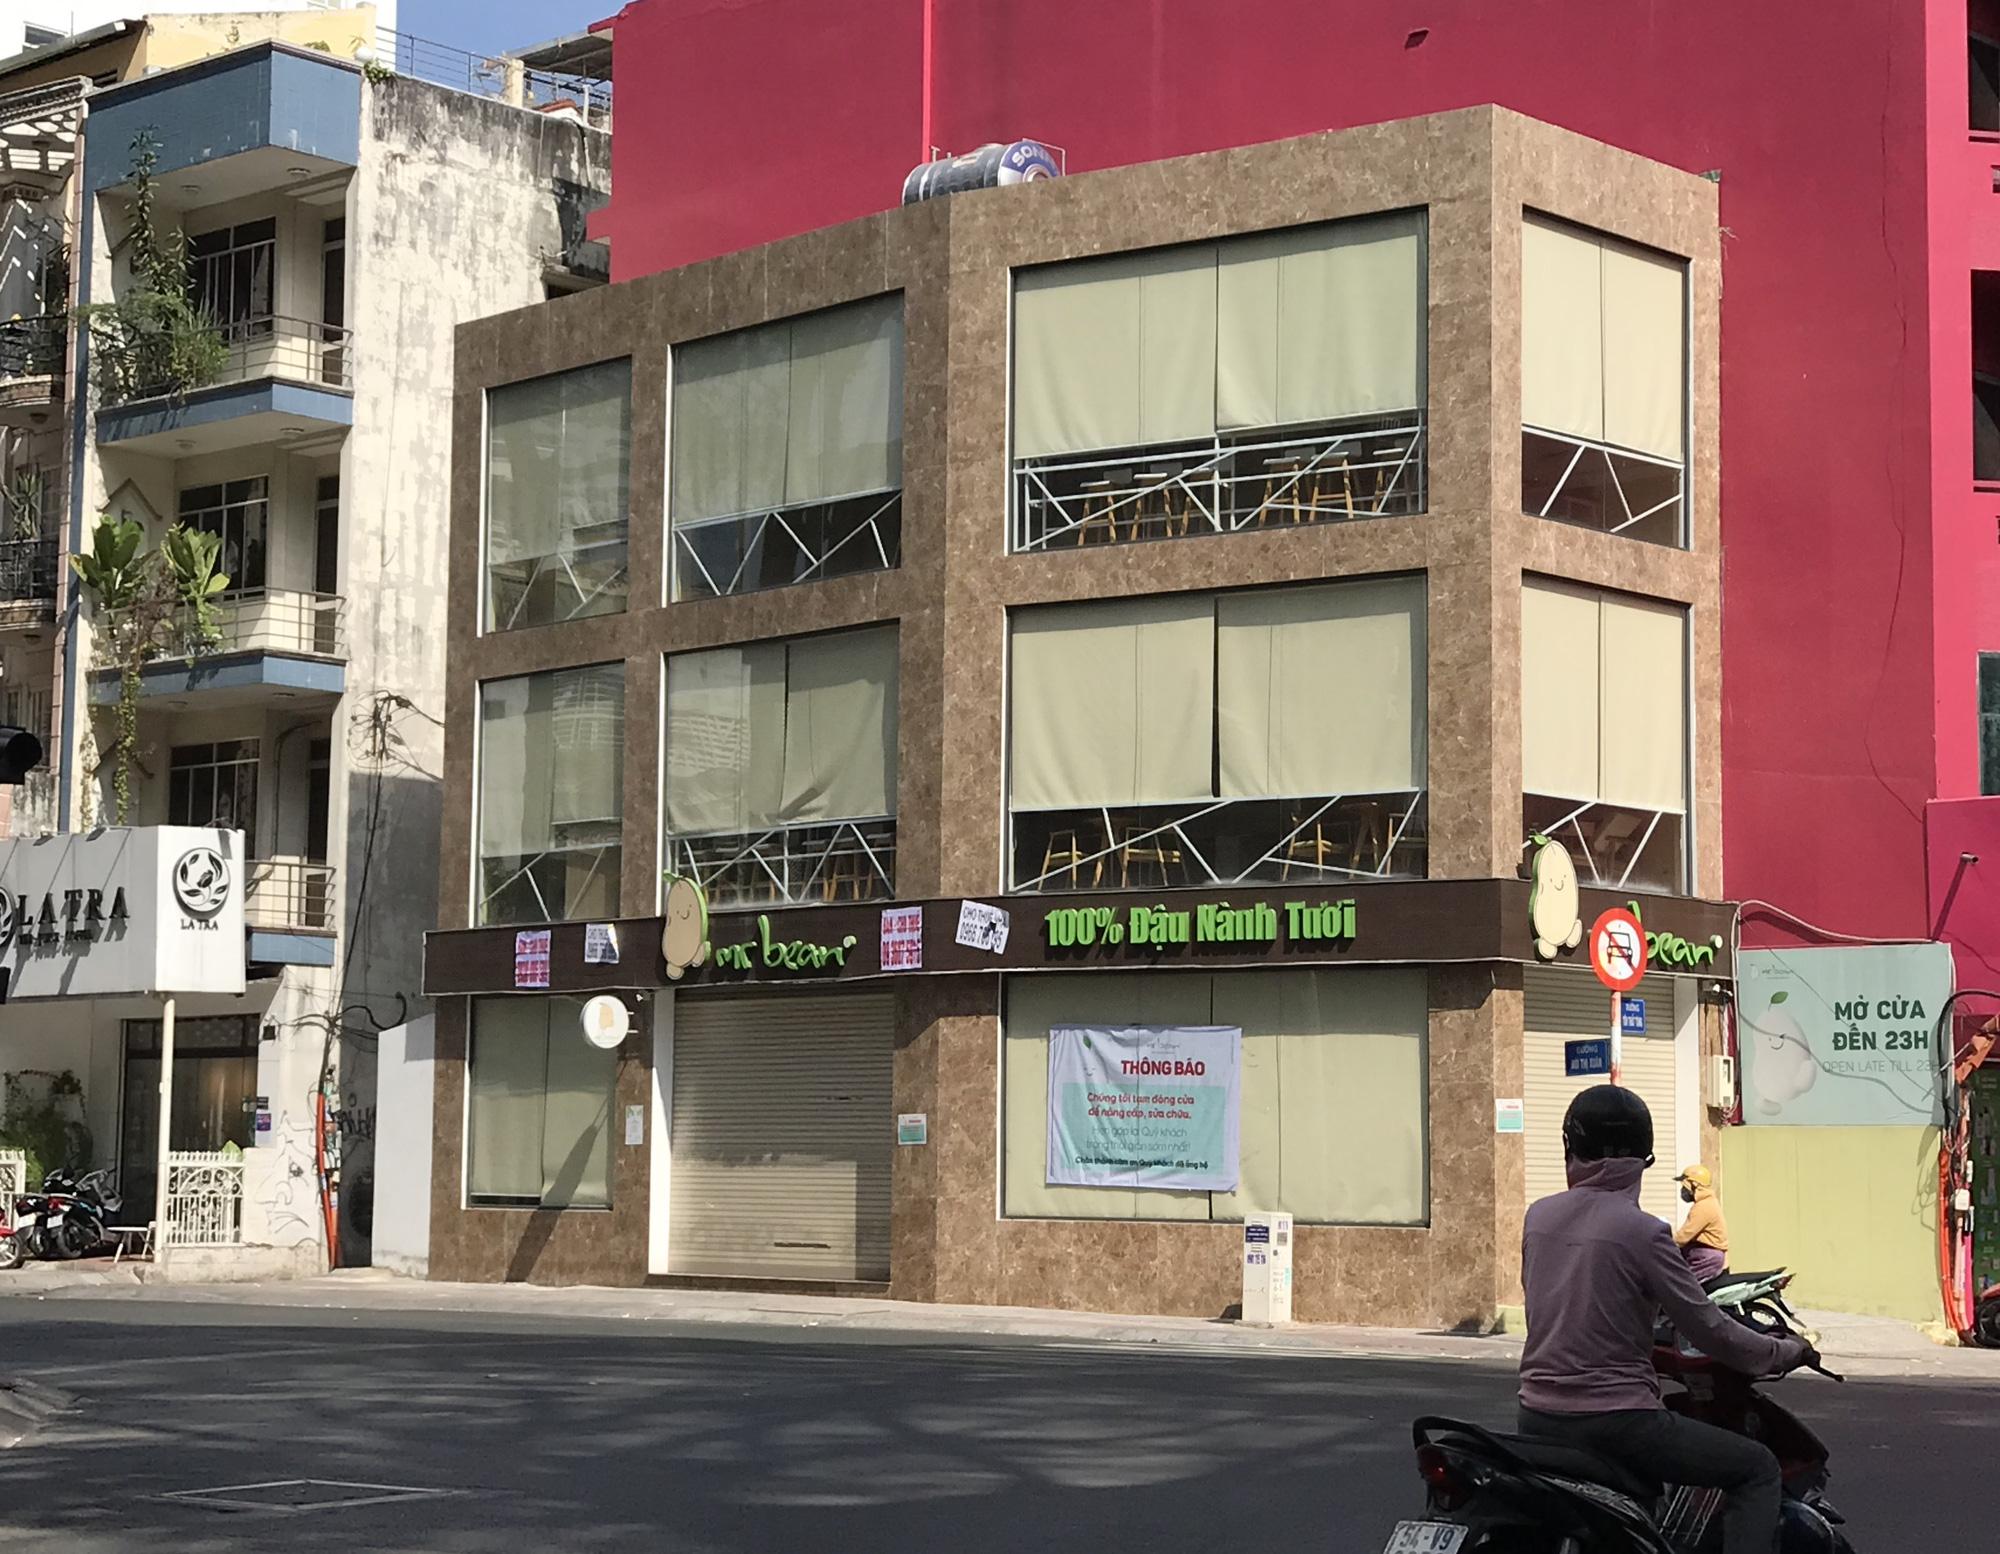 Hình ảnh loạt cửa hàng Toocha, sữa đậu nành Mr Bean của Shark Thủy, thậm chí 7-Eleven cũng đóng cửa vì Covid-19 - Ảnh 11.